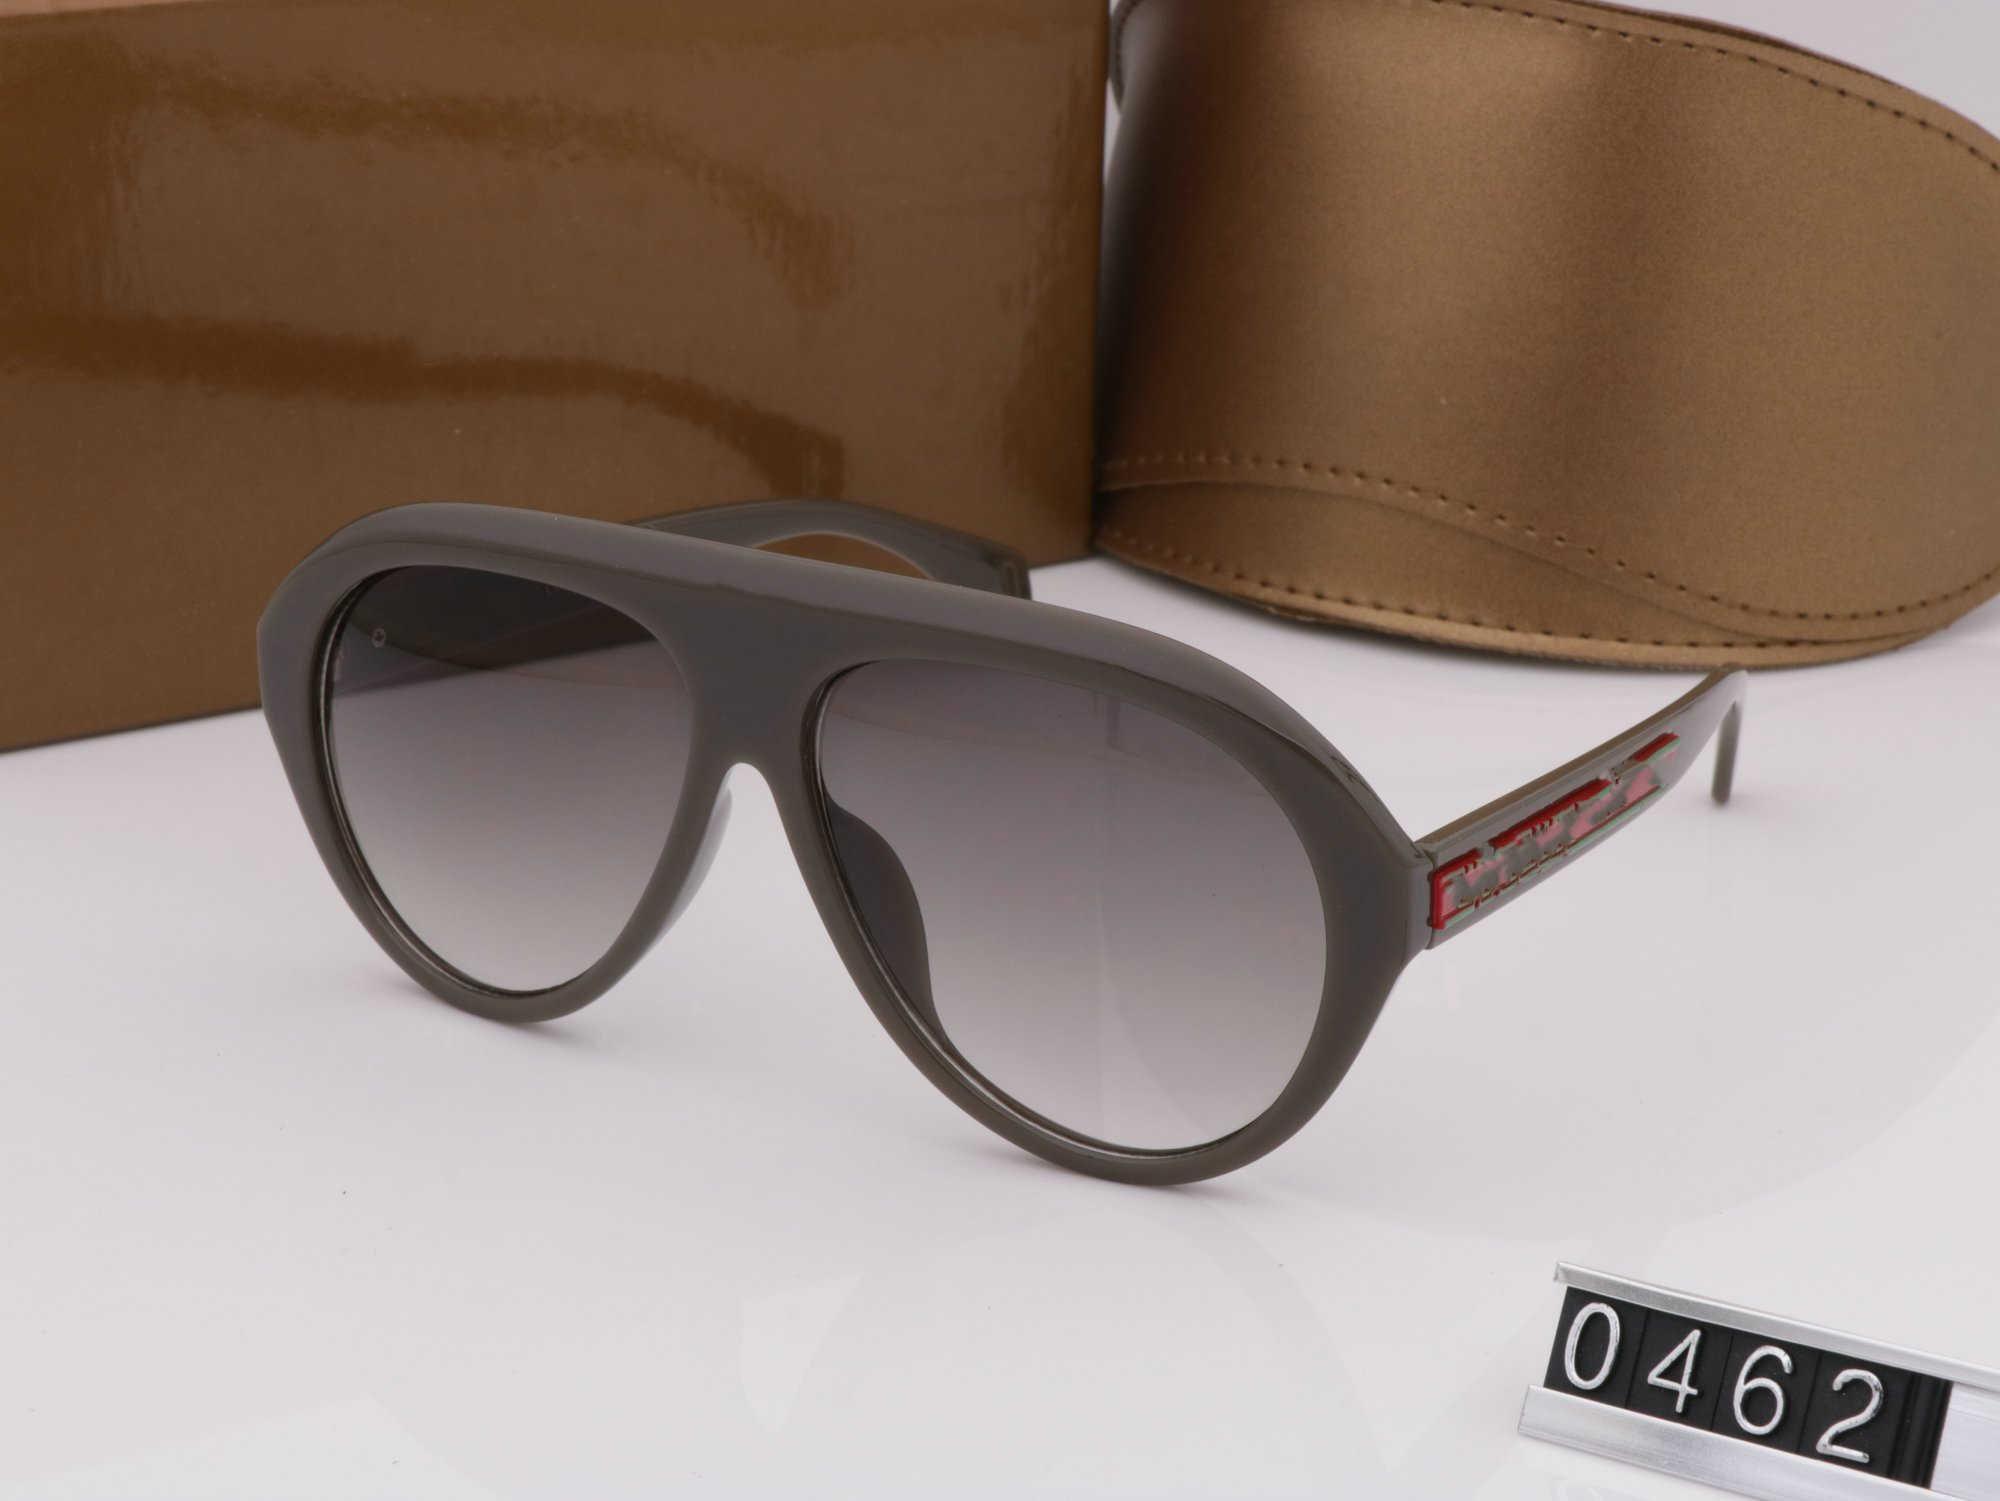 Luxo- Qualtiy Moda Mulheres New sem aro estilo Grosso do metal dos óculos de sol Vintage espelho Sun Glasses alta Star Quality Com Box